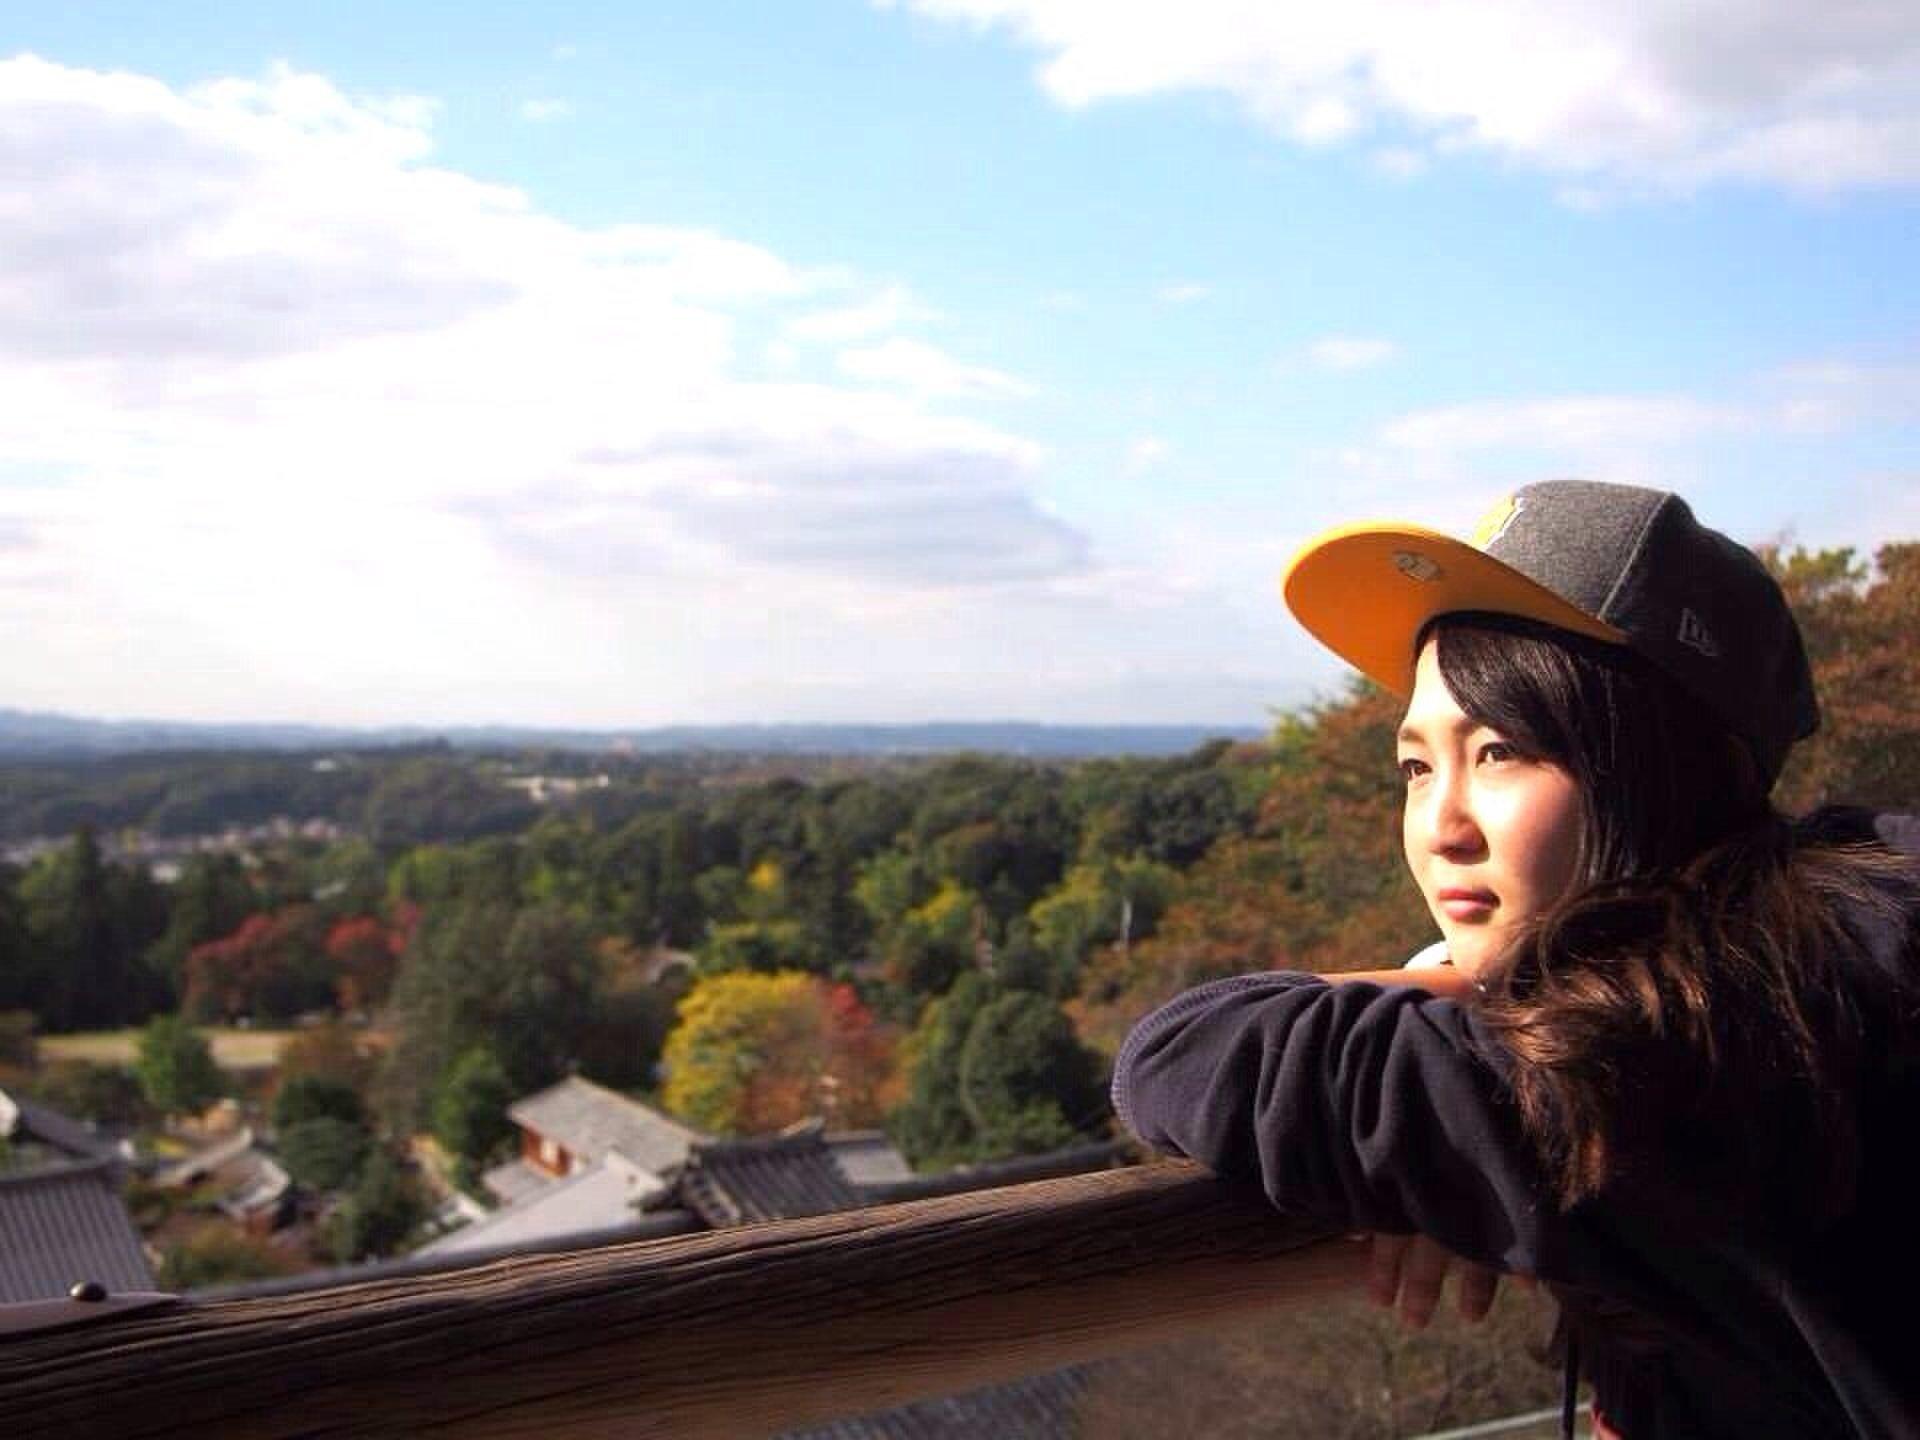 春に大人気!奈良の観光おすすめコース♡大仏様の定番スポットから景色が綺麗な穴場スポットまでご紹介♪